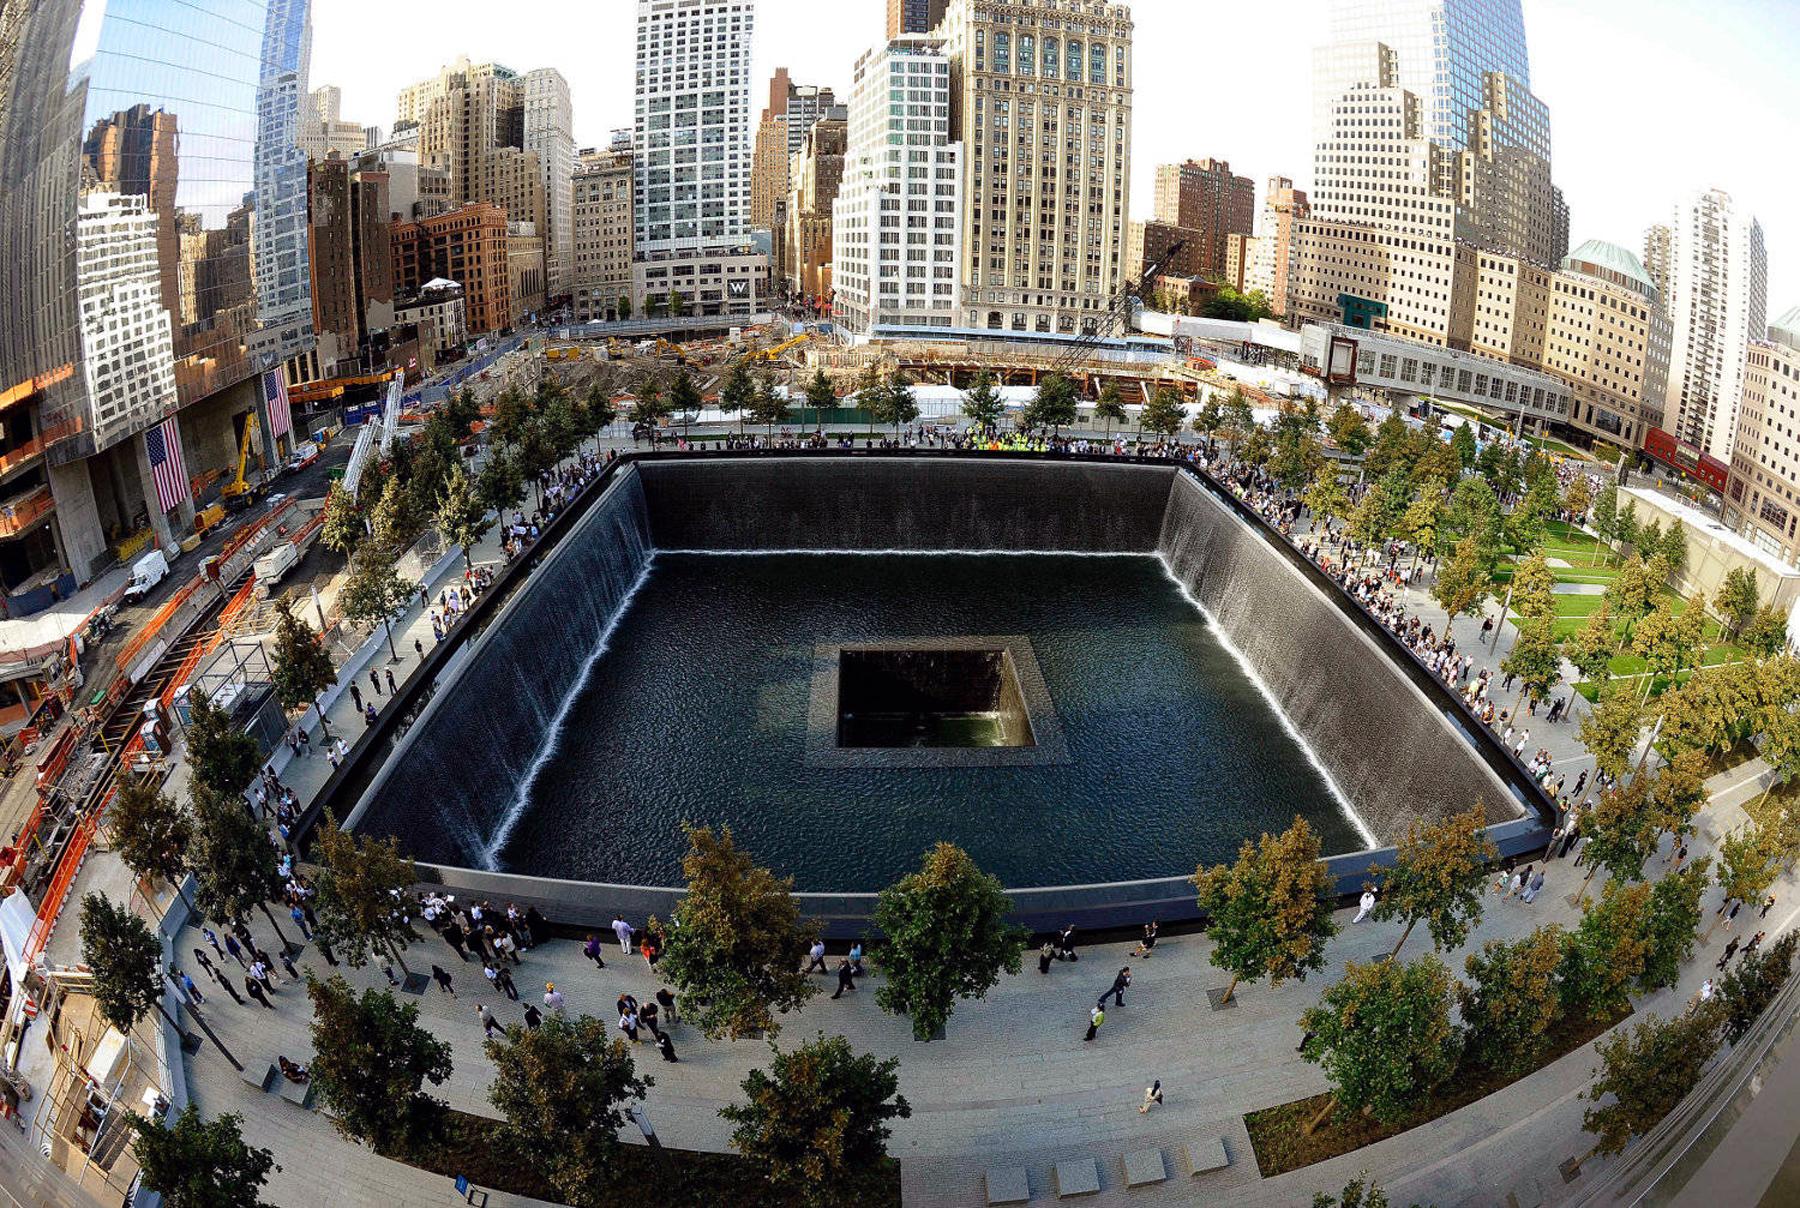 9 11 memorial 2012 designapplause - Ground zero pools ...